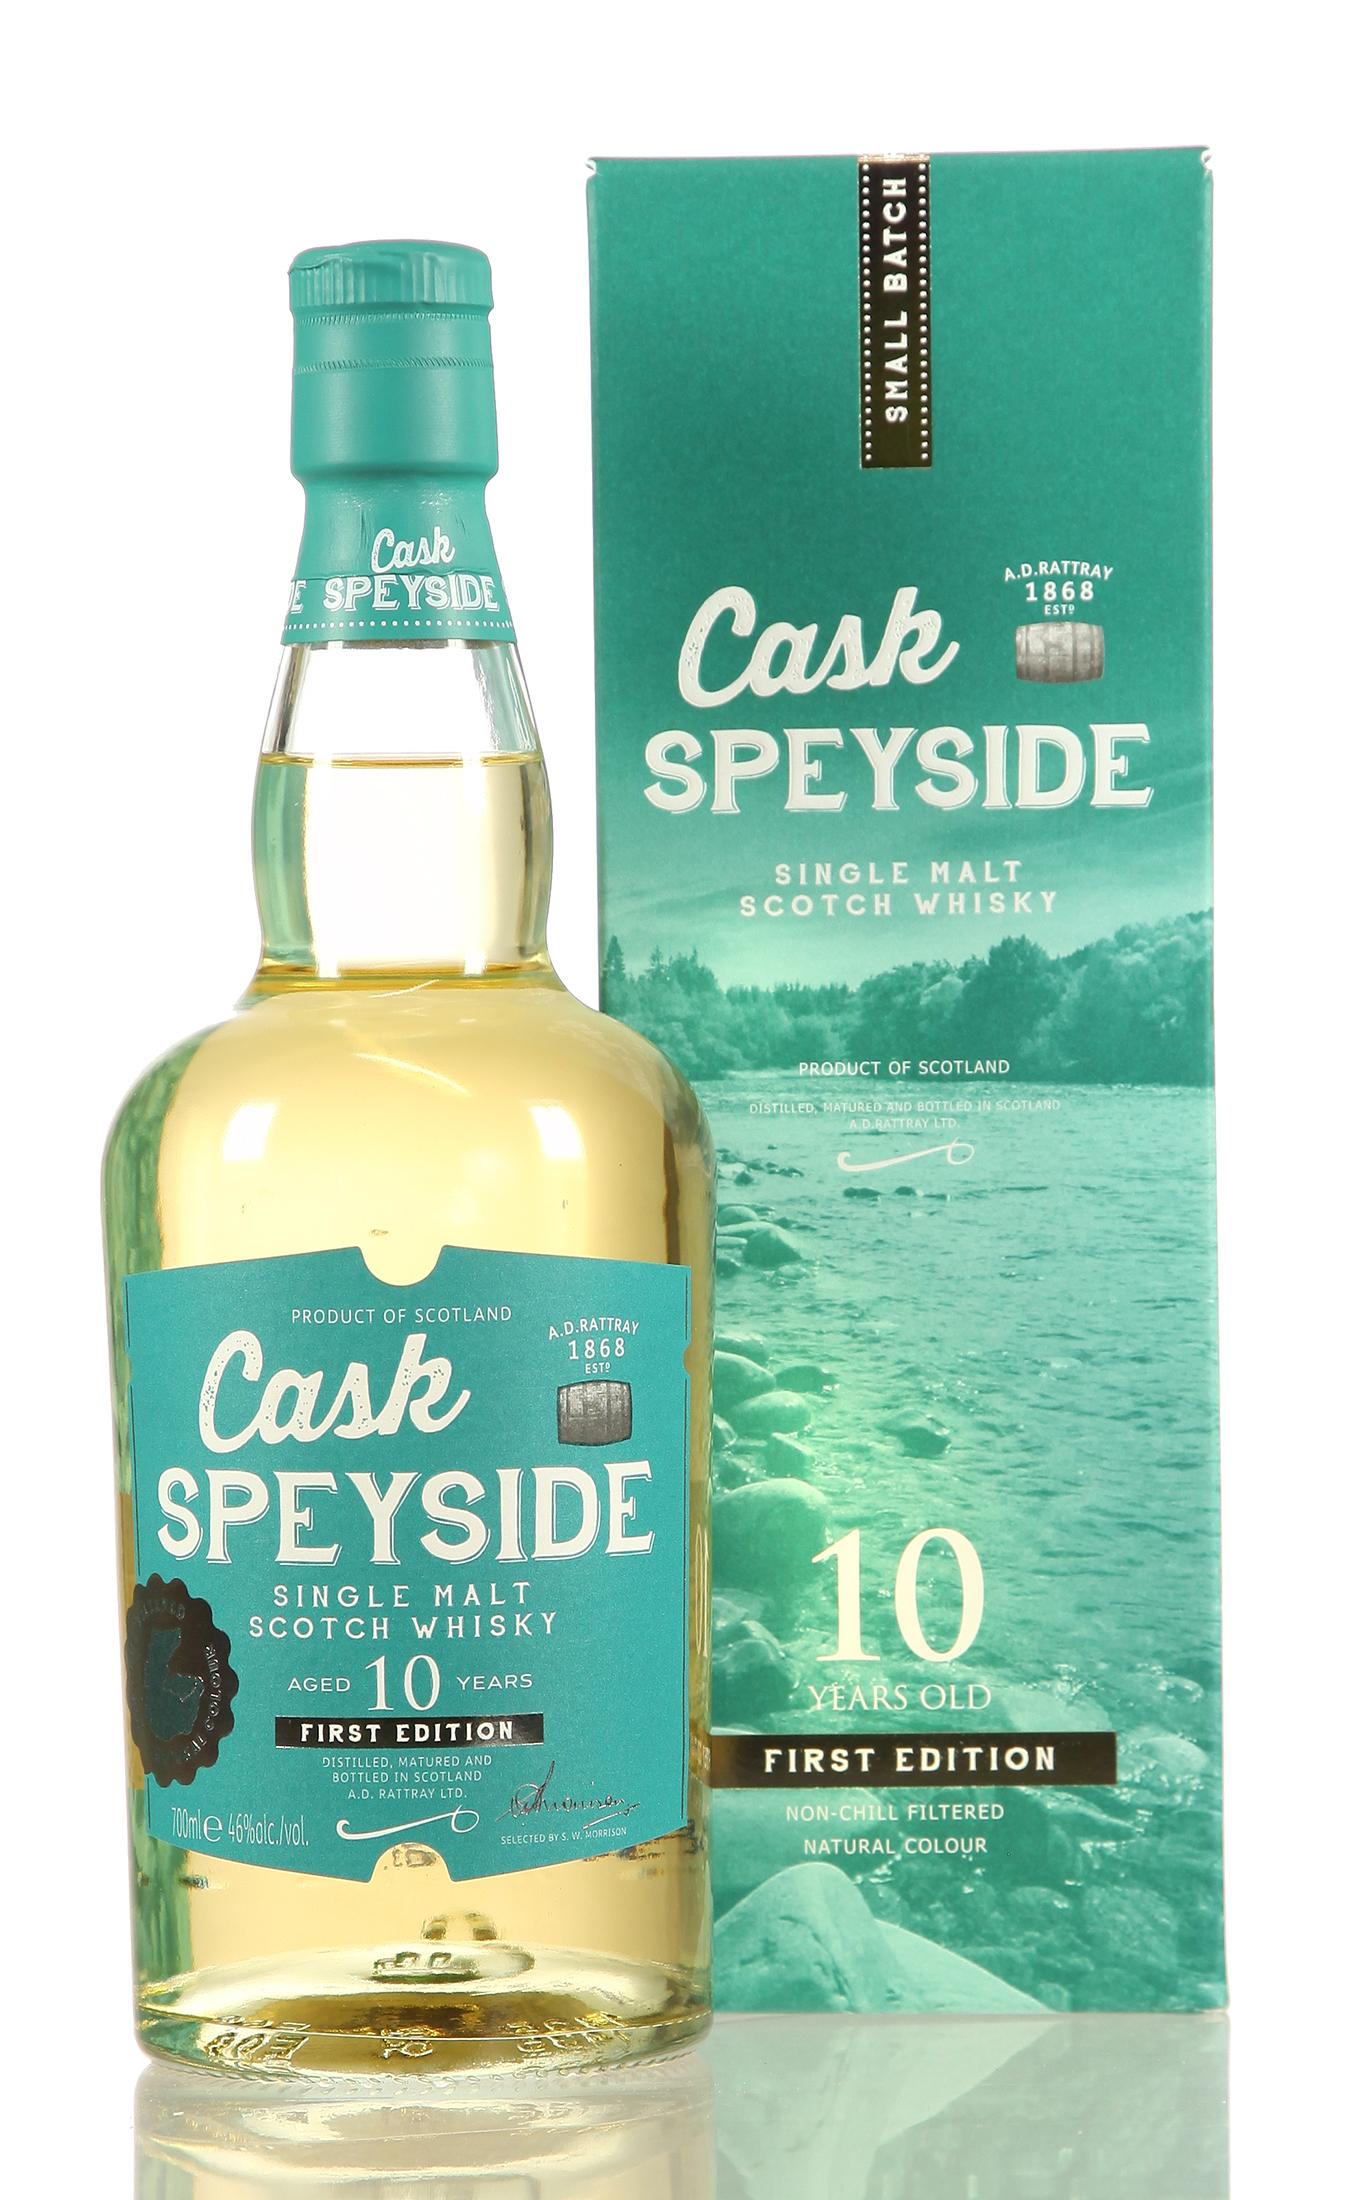 Cask Speyside